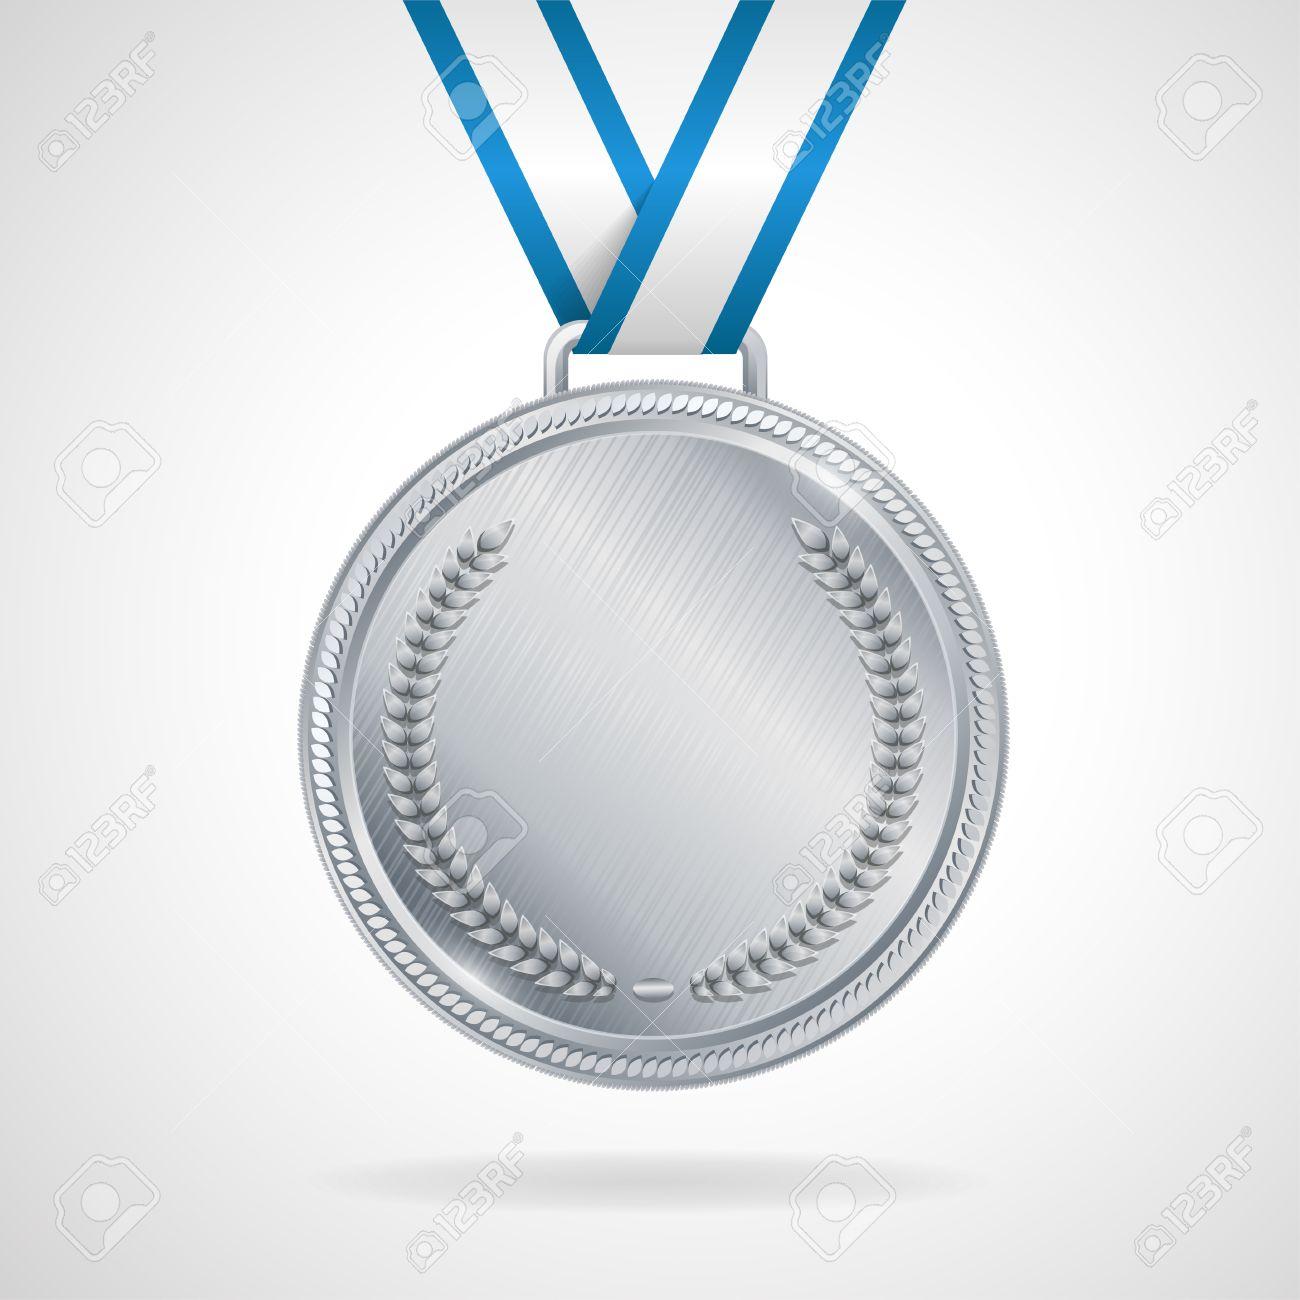 950bde2b52ef Medalla De Plata Campeón Con Cinta Sobre Fondo Blanco Ilustraciones ...